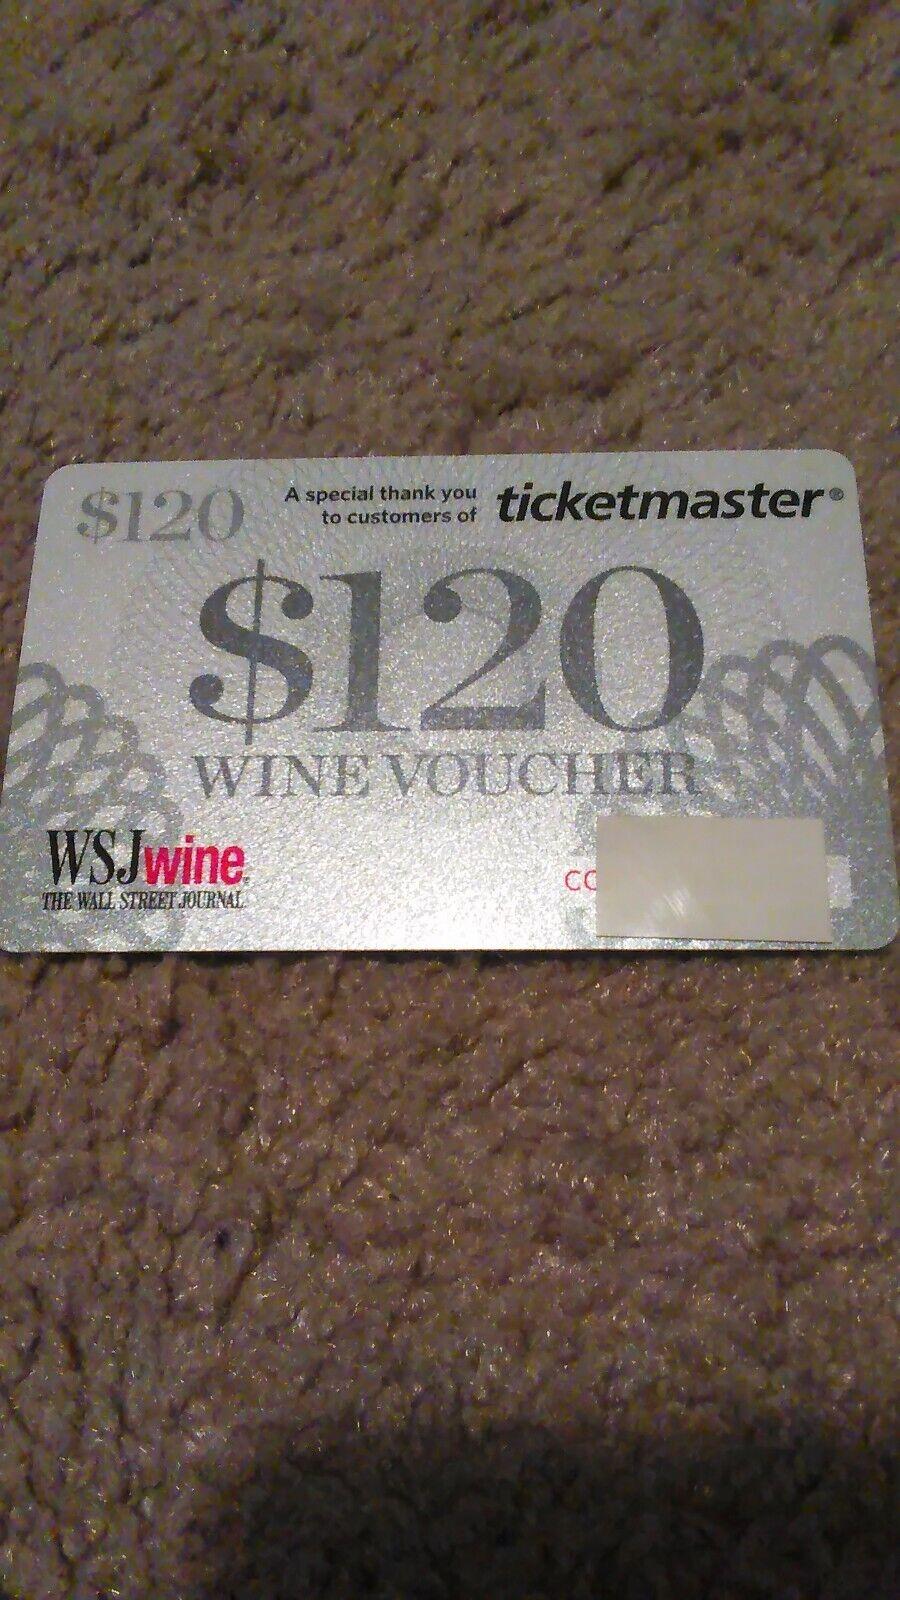 Wsj Wine Gift Card 120 Wine Voucher - $1.50